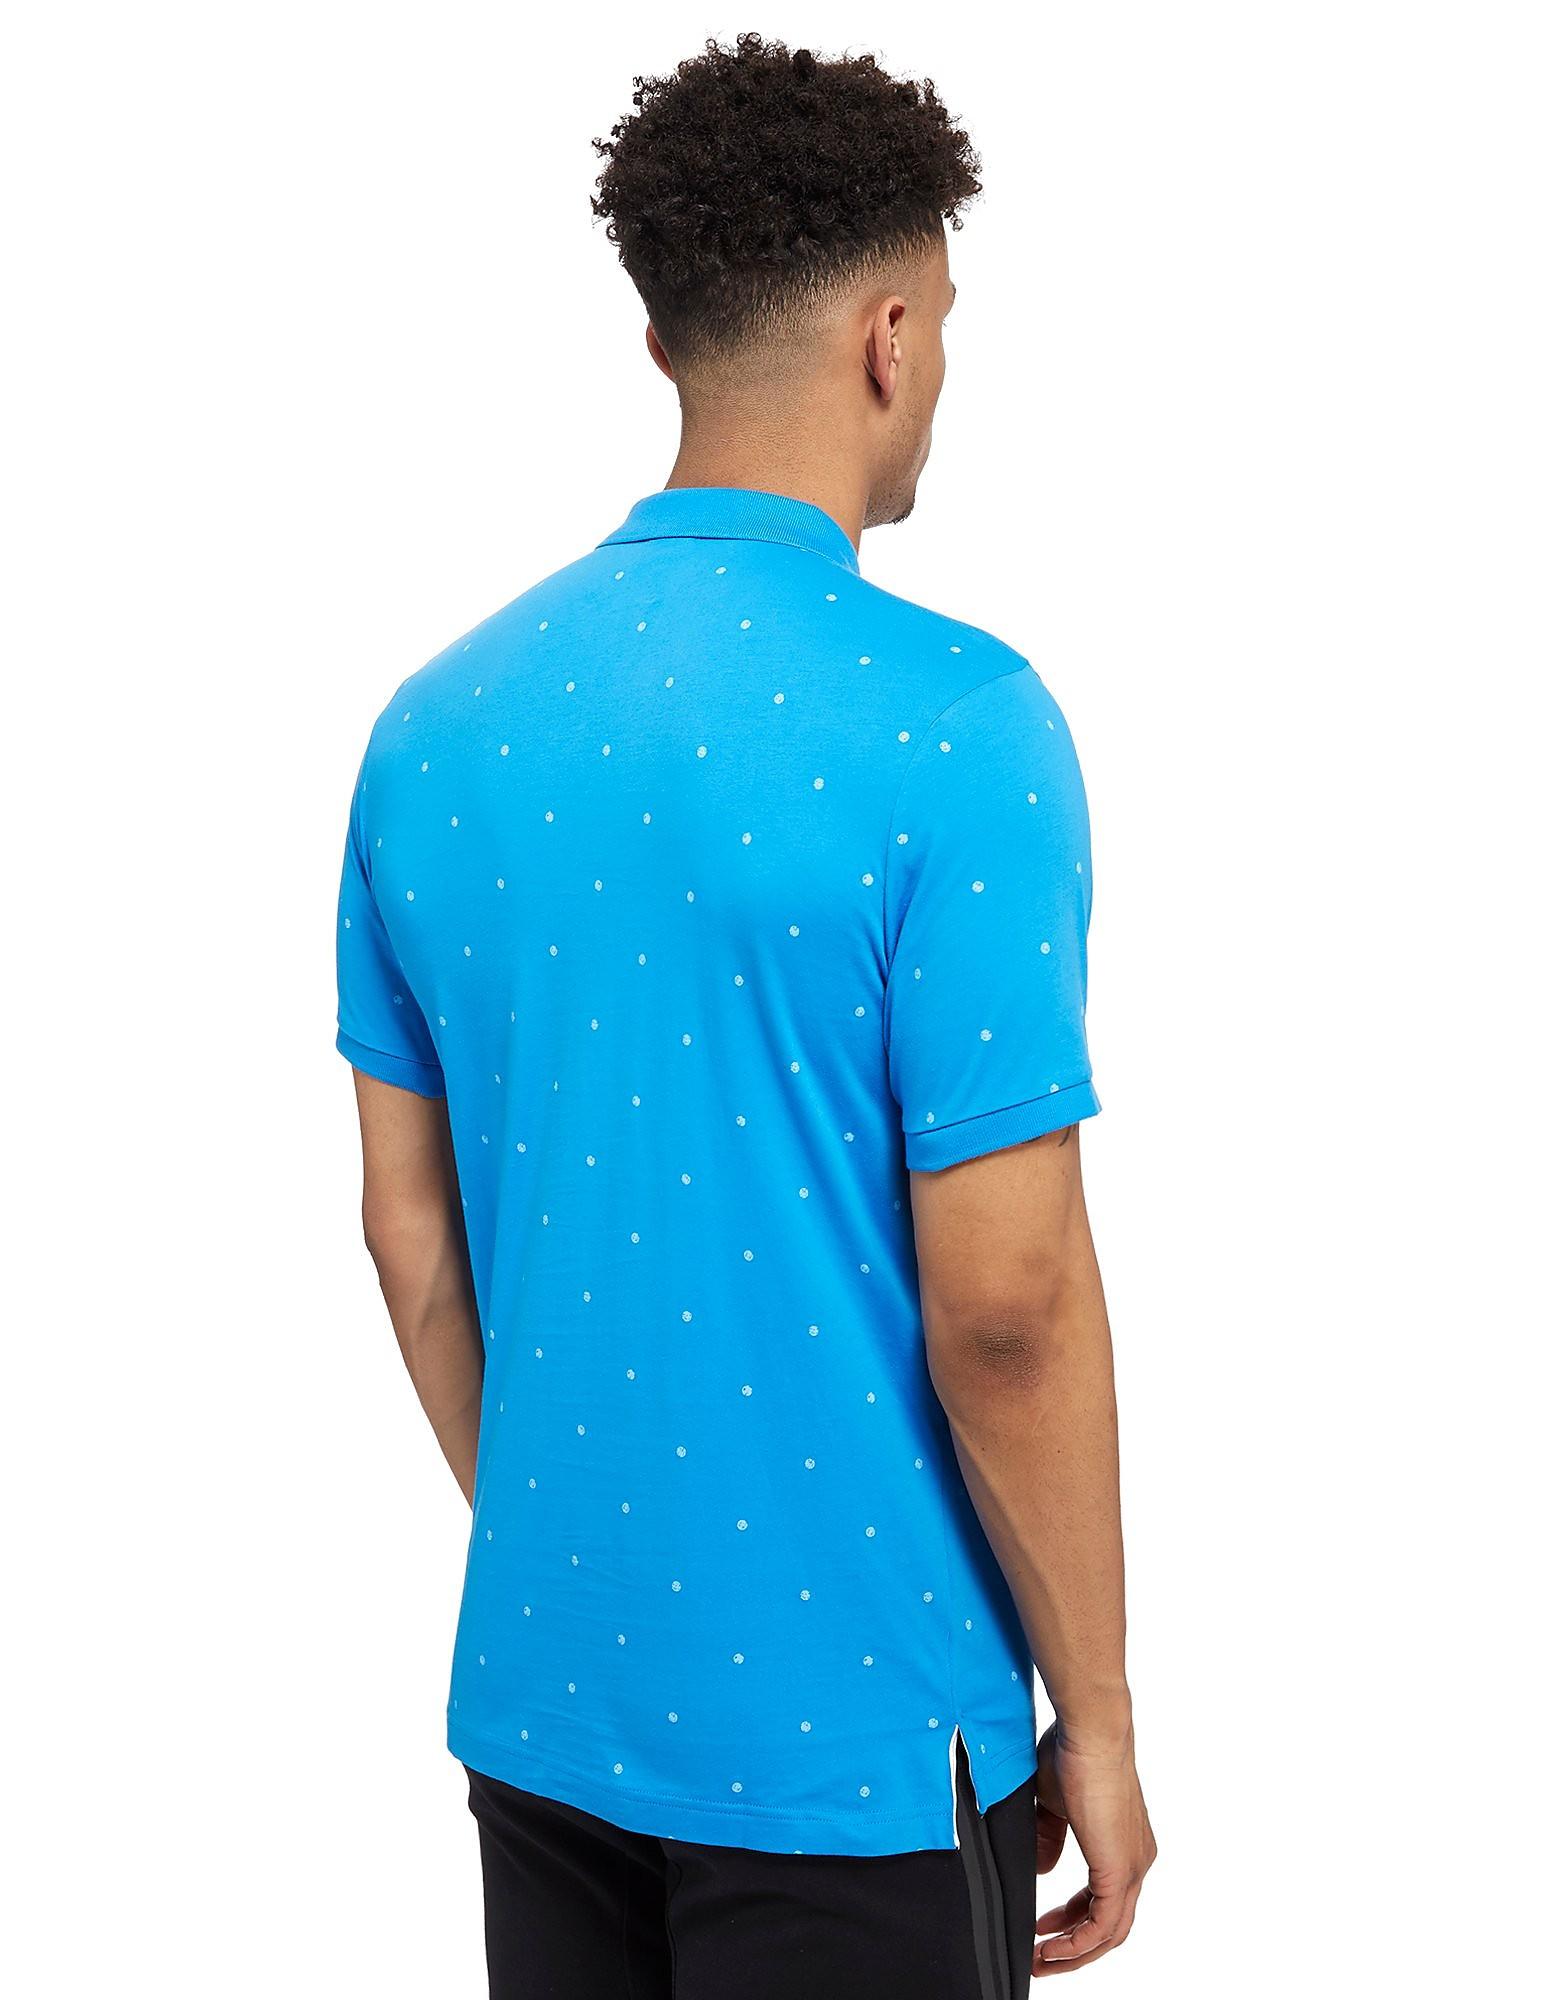 Nike Polka Dot Polo Shirt